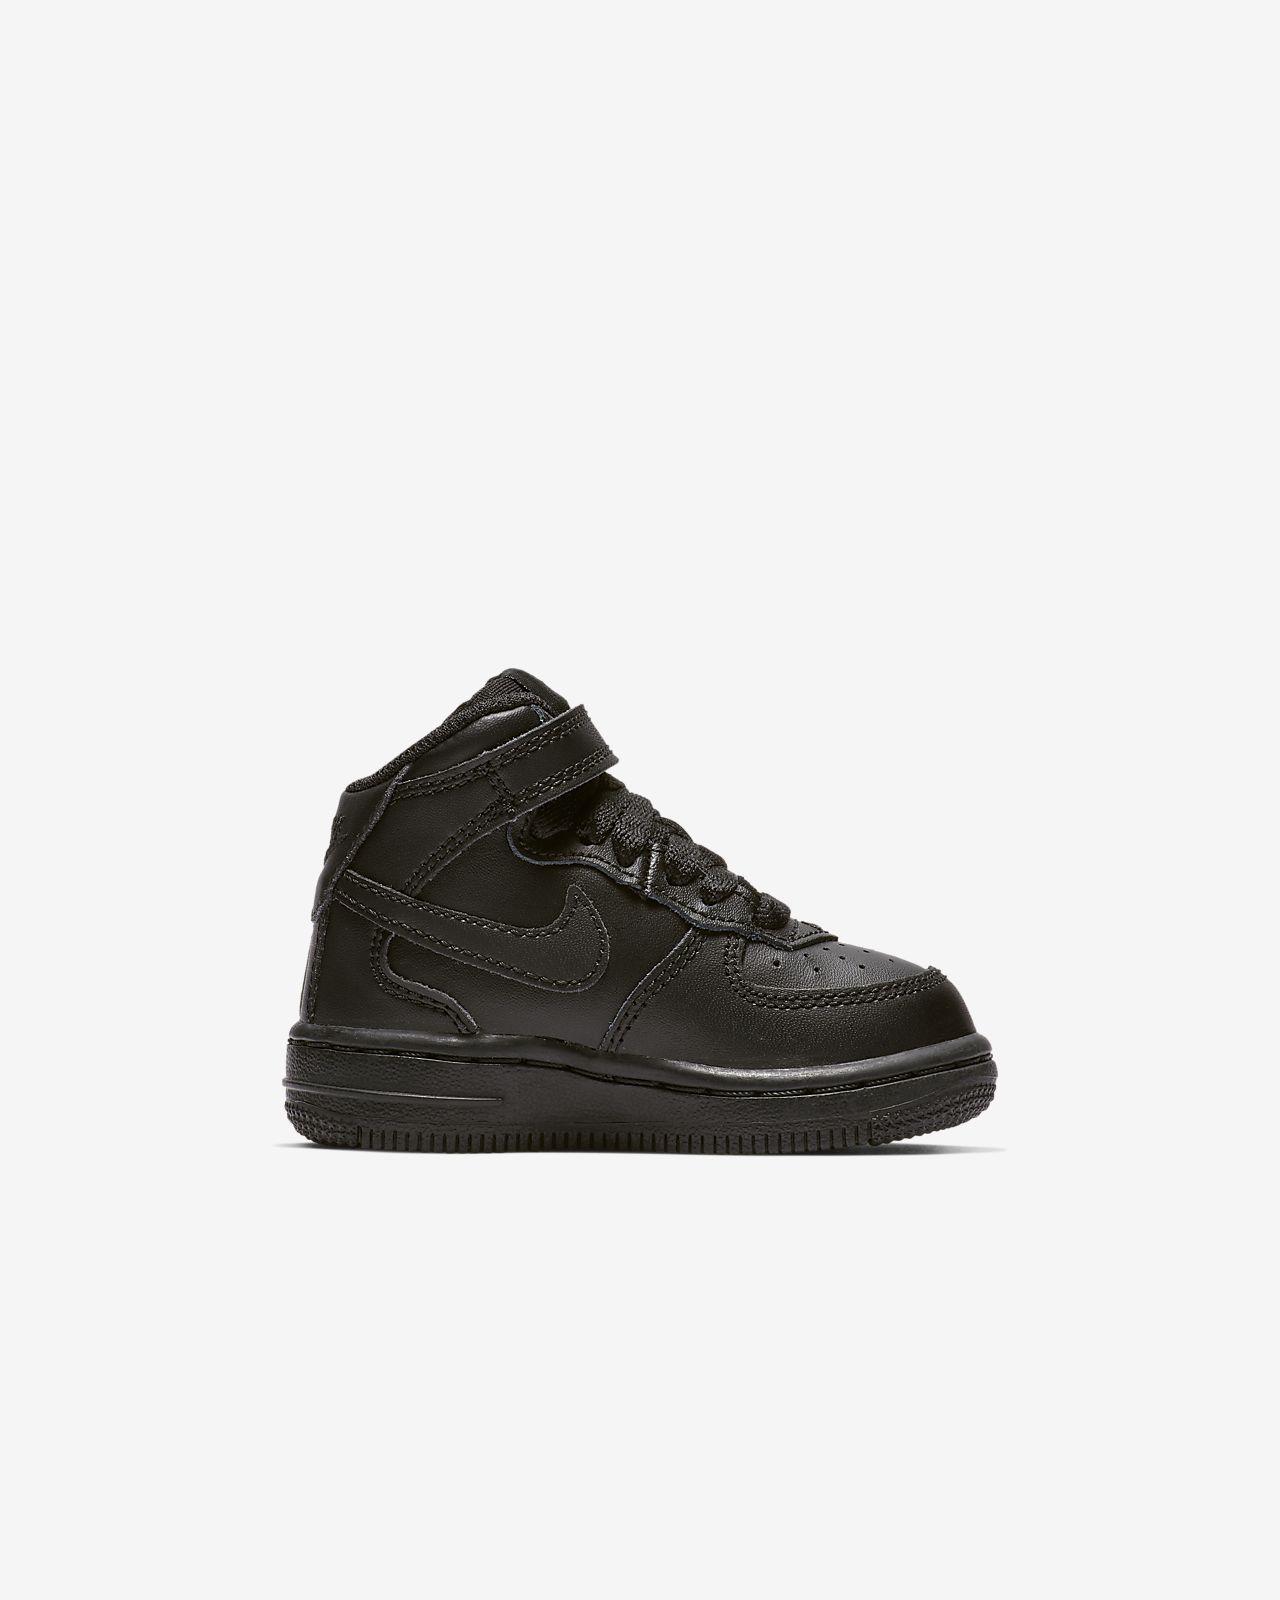 Nike Air Force 1 Mid Bébé Noire Chaussures Chaussures